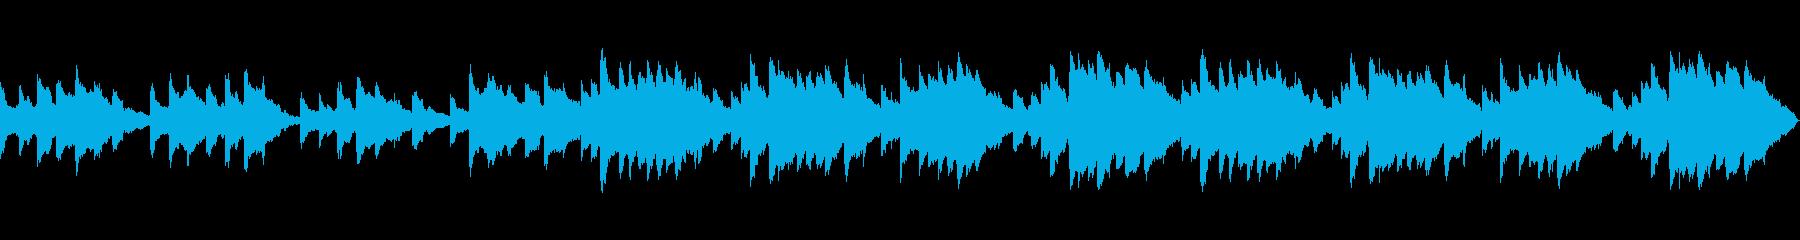 しんみりした寂しいオルゴール曲の再生済みの波形